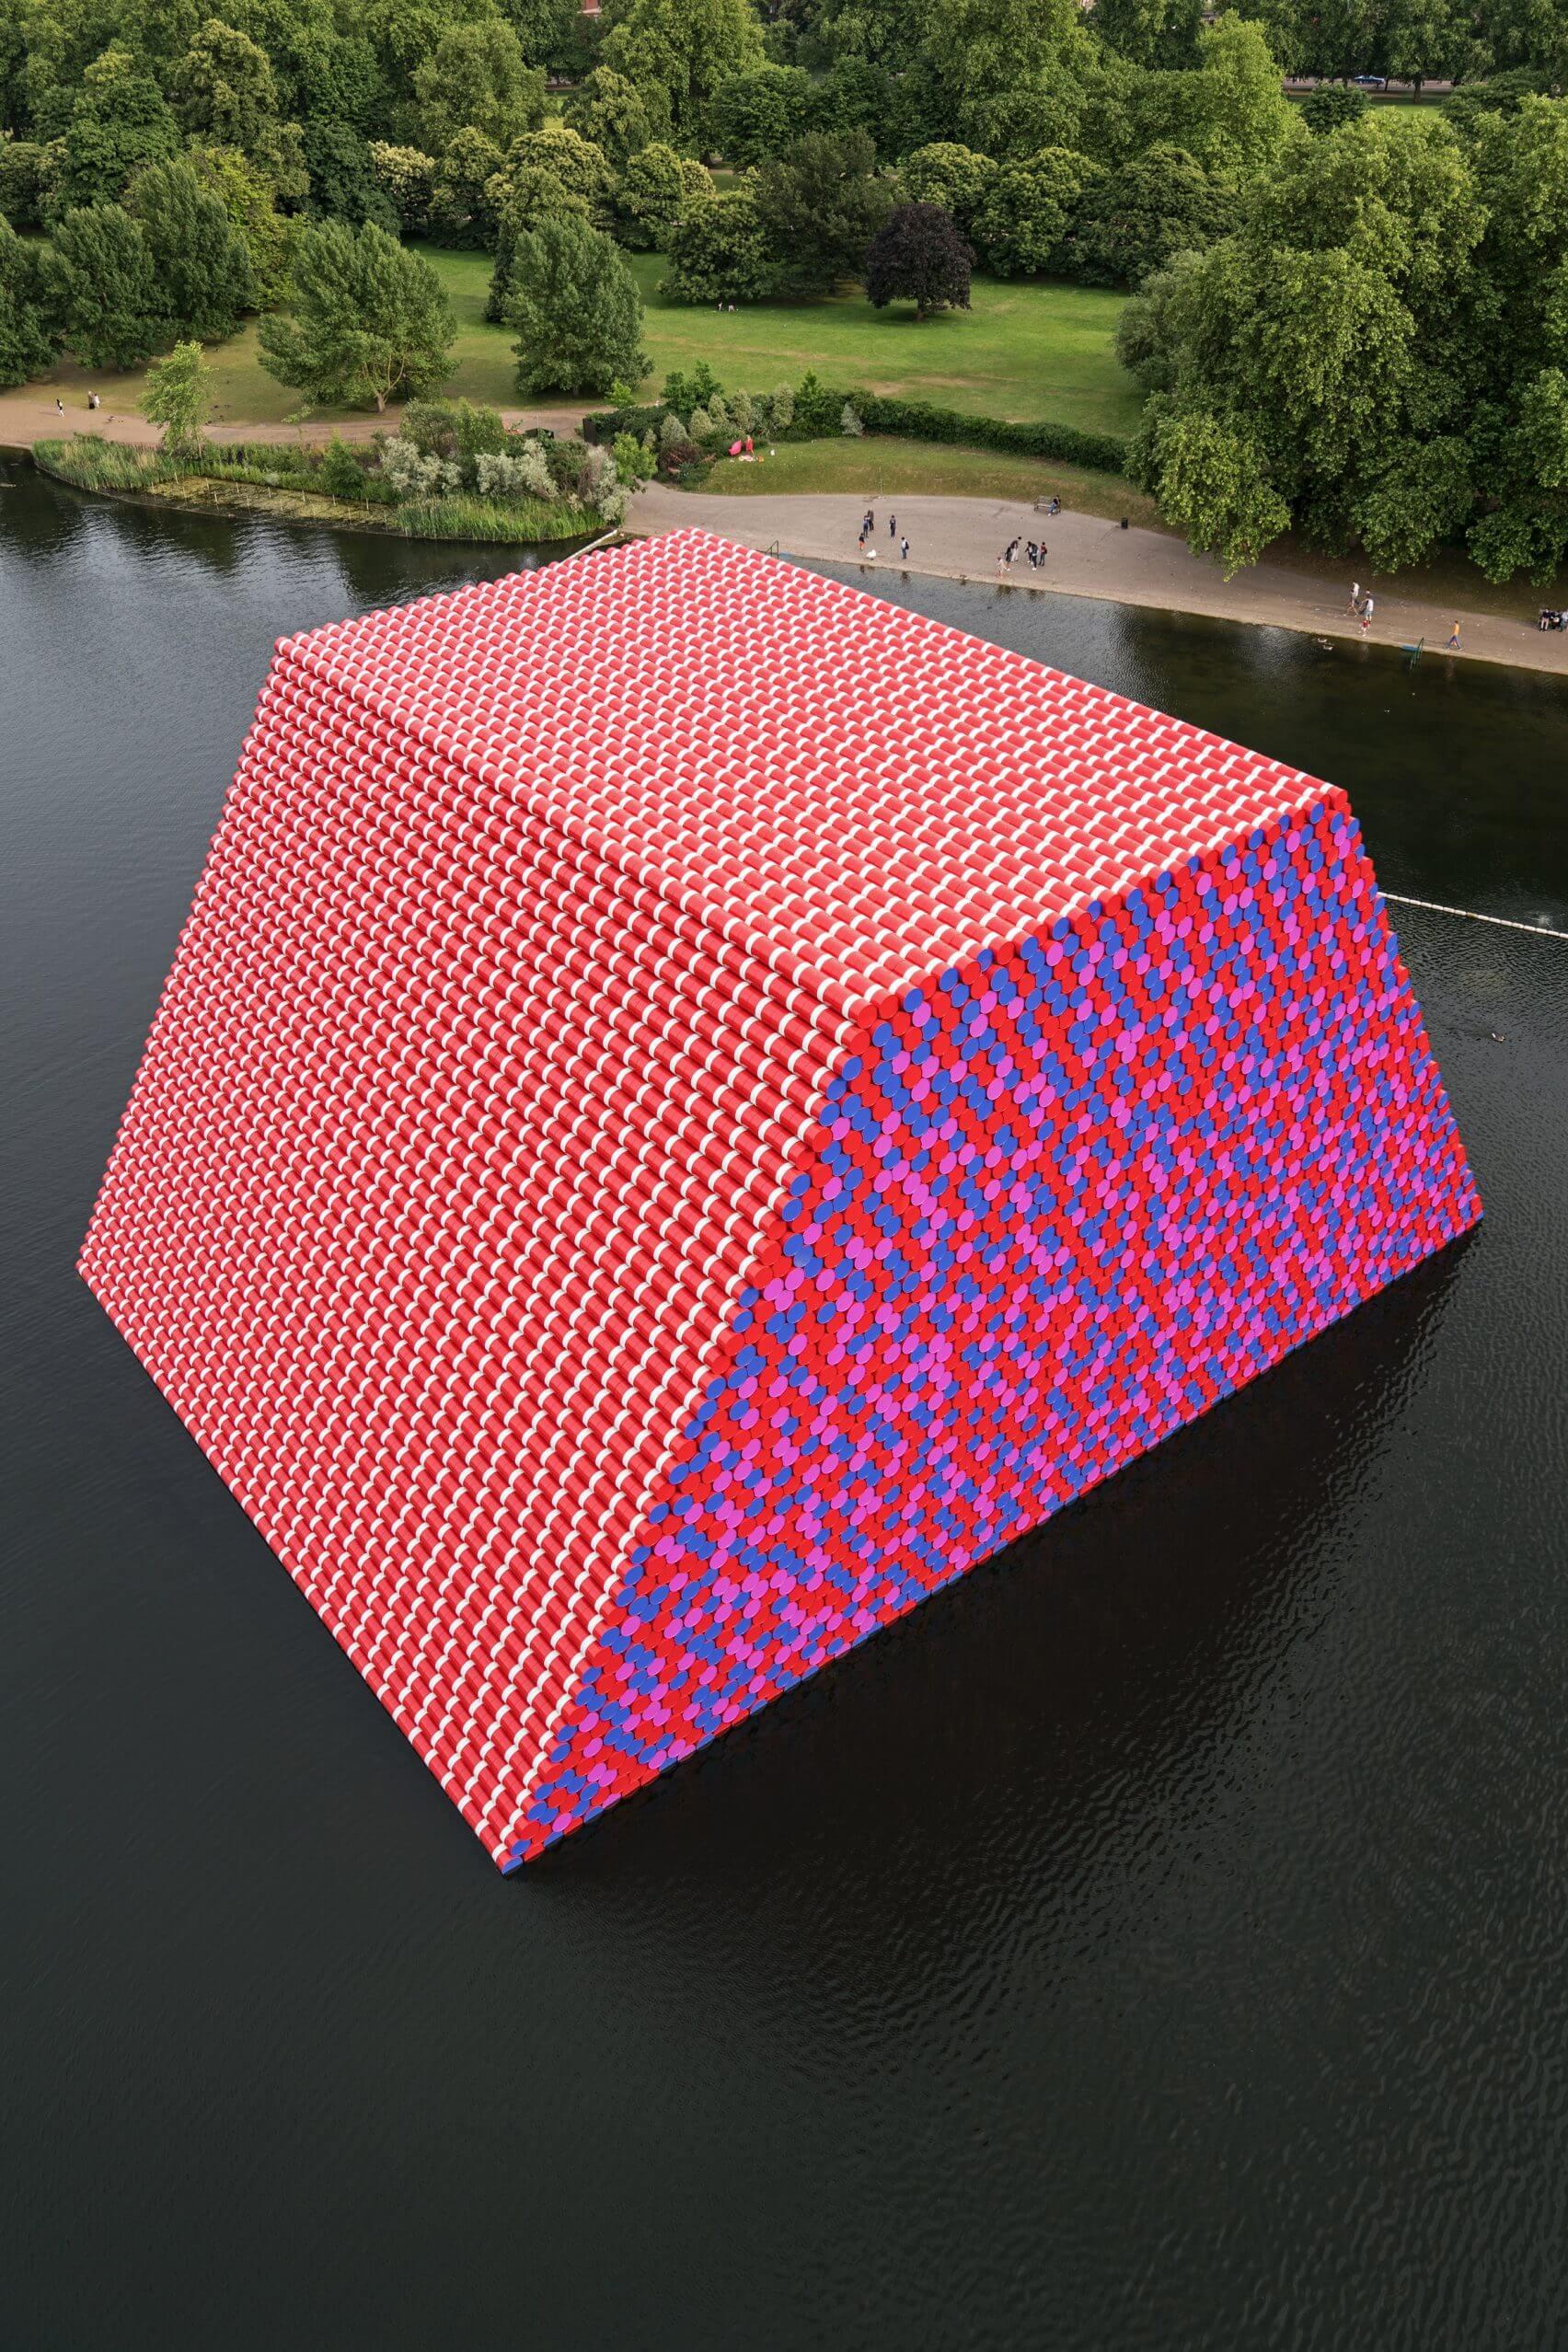 Abstract Art Sculpture